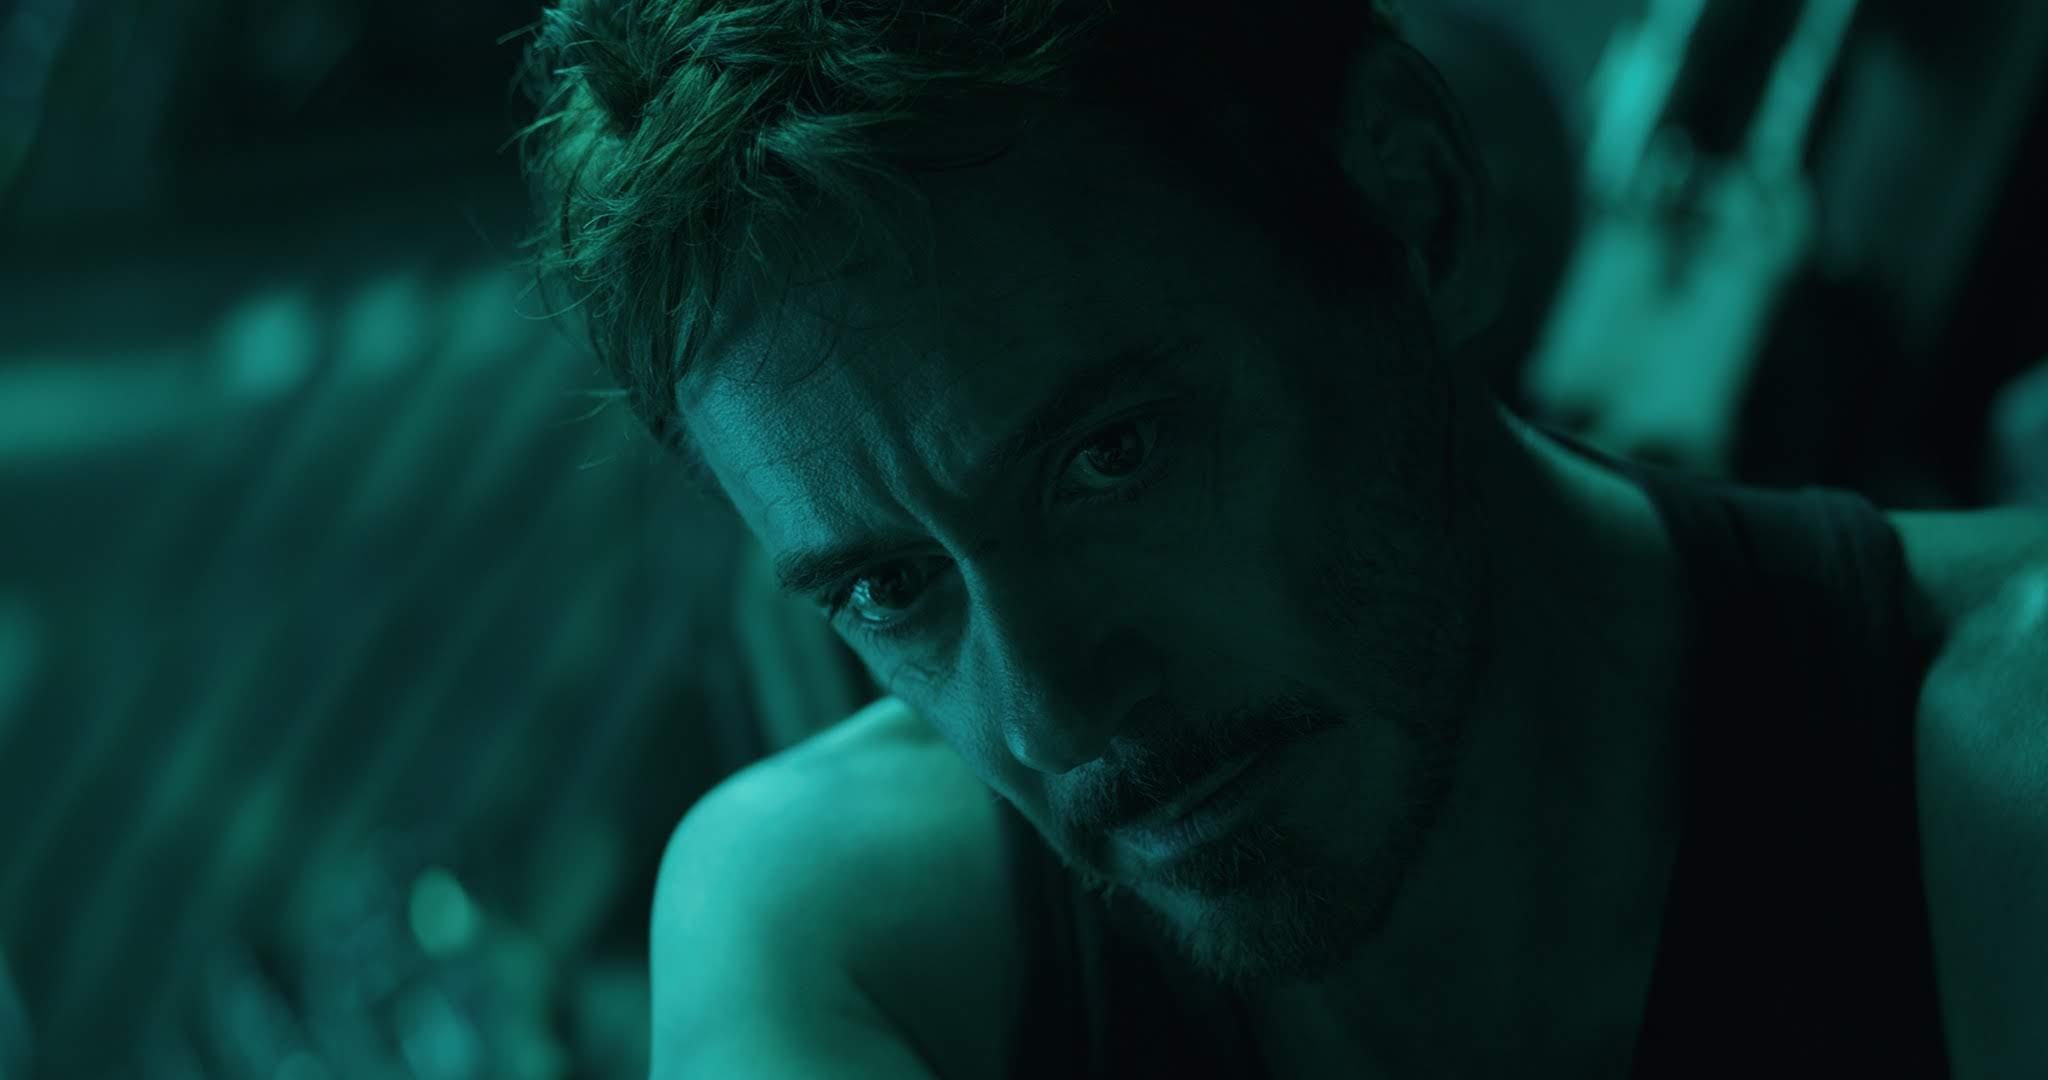 Avengers Endgame【重要】:「アベンジャーズ : エンドゲーム」の公式のネタバレ解禁日が、5月6日(月)に決まりました ! !、CIA は、13日(月)までネタバレしないと告知しましたが、公式にあわせるしかありません ! !、まだ観ていない人は、この週末には必ず、観てください ! !